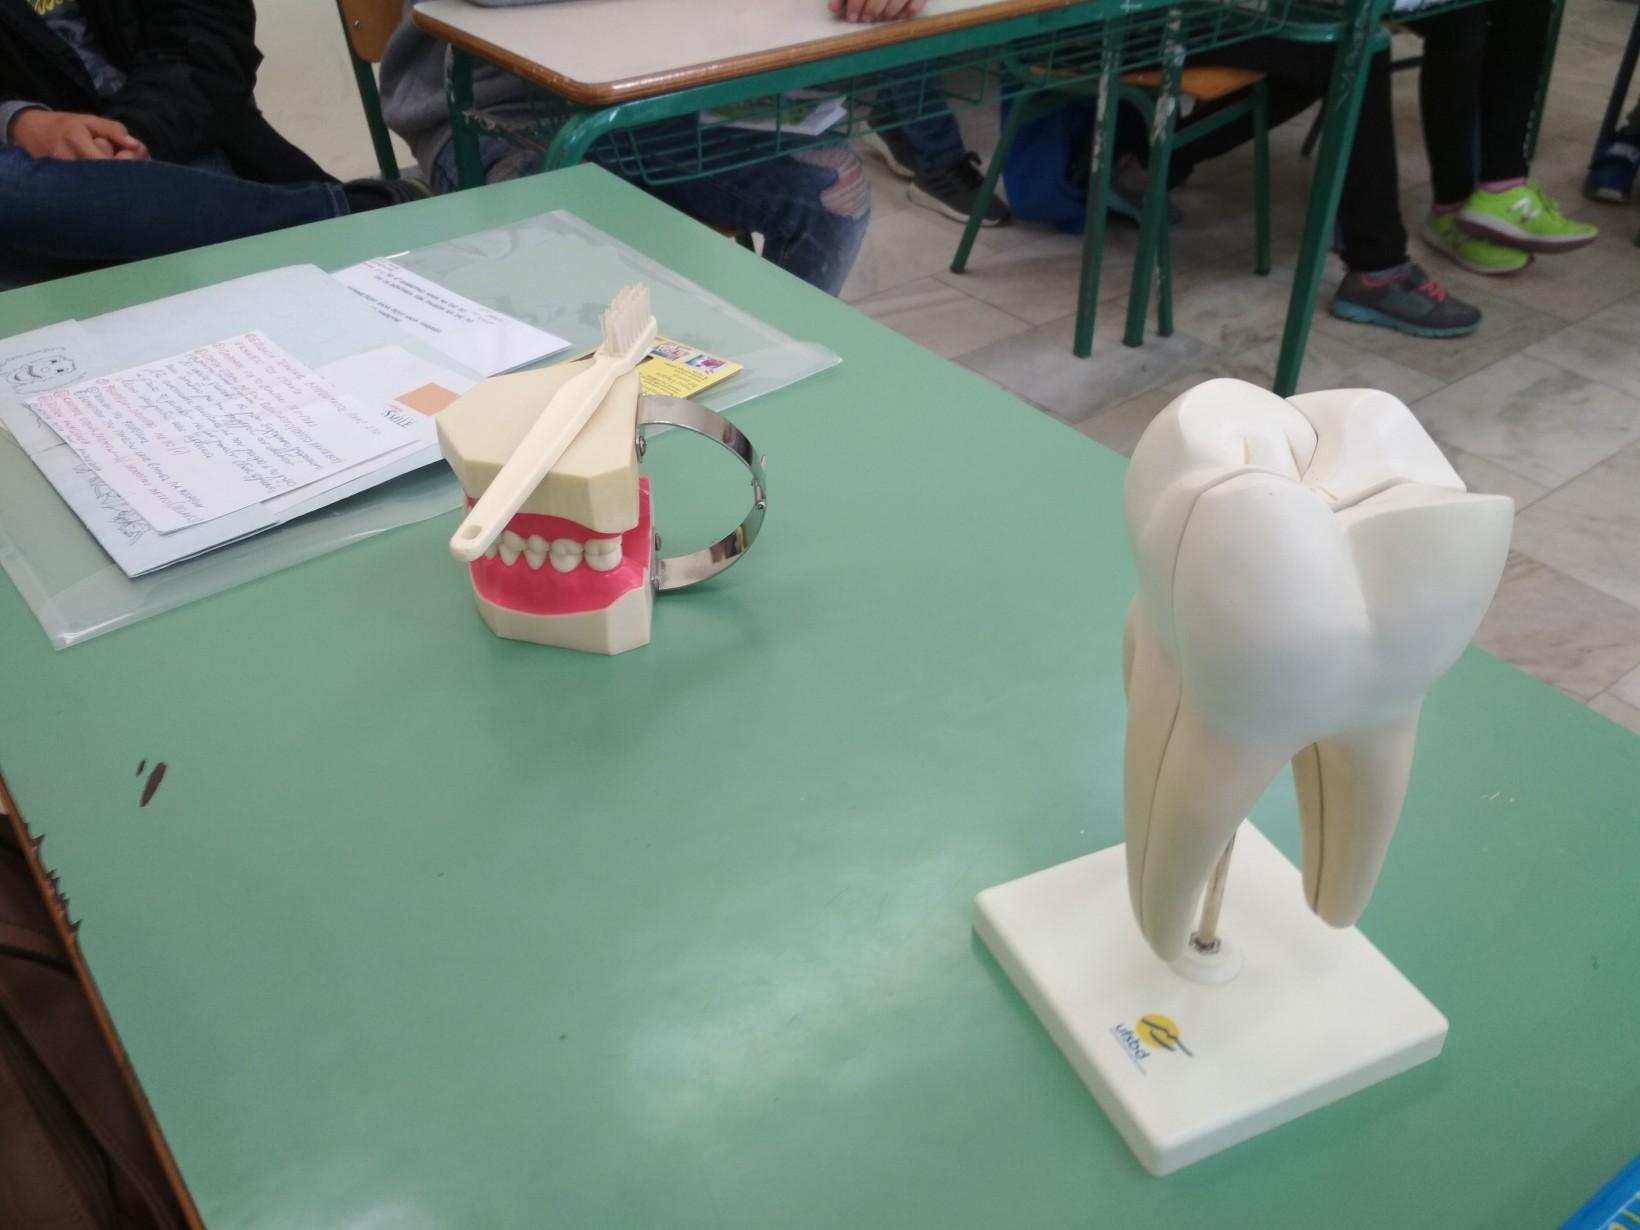 Φυσική Β Γυμνασίου - Κεφάλαιο 1 - Εκπαιδευτικό βίντεο.